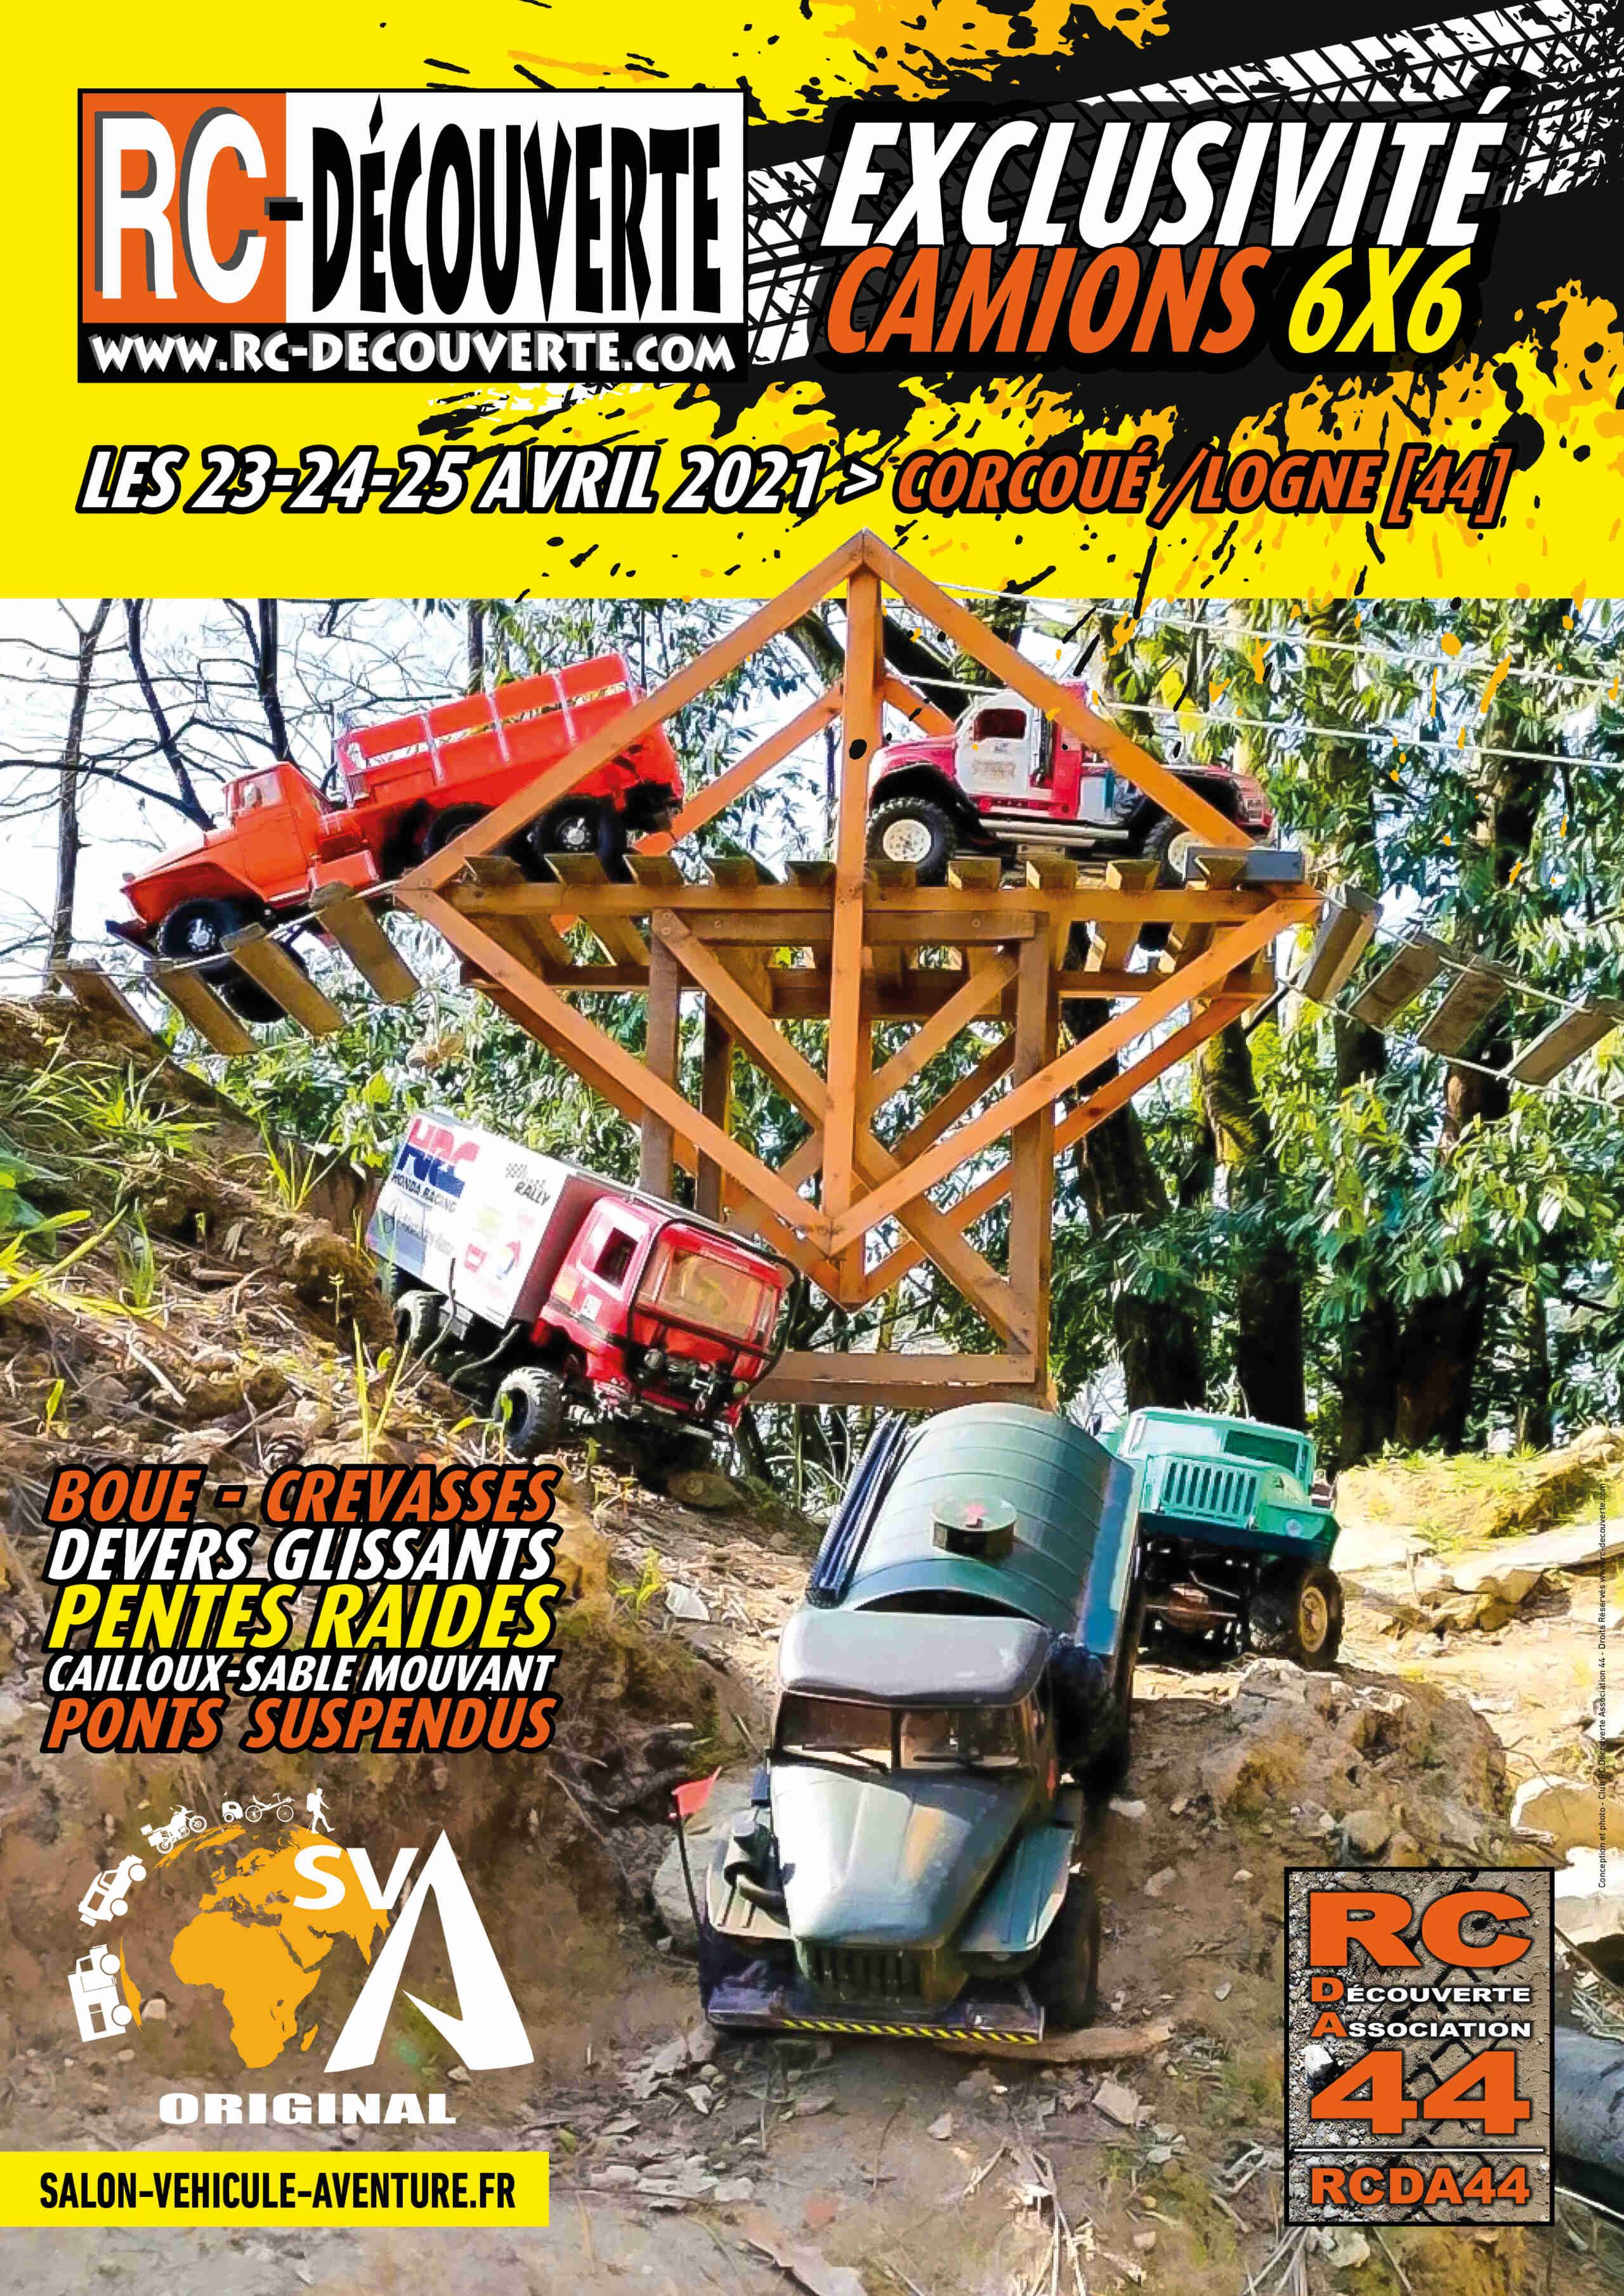 Salon du Véhicule d'Aventure SVA 2021 - Corcoué sur Logne (44) : du 11 au 13 juin - Page 3 Affich15